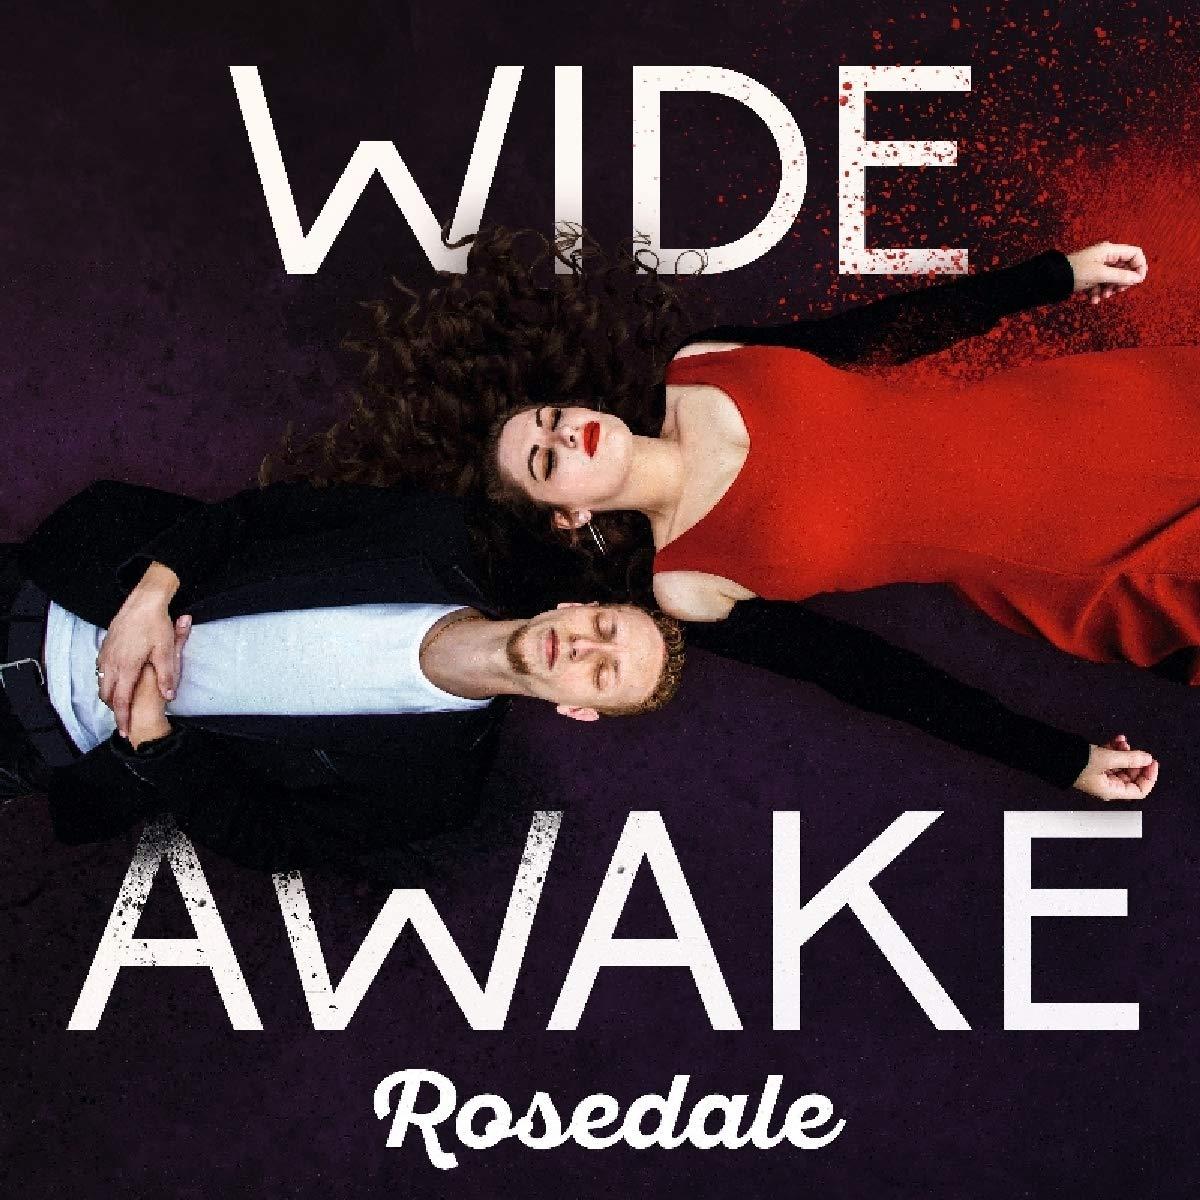 """Résultat de recherche d'images pour """"rosedale wide awake cd"""""""